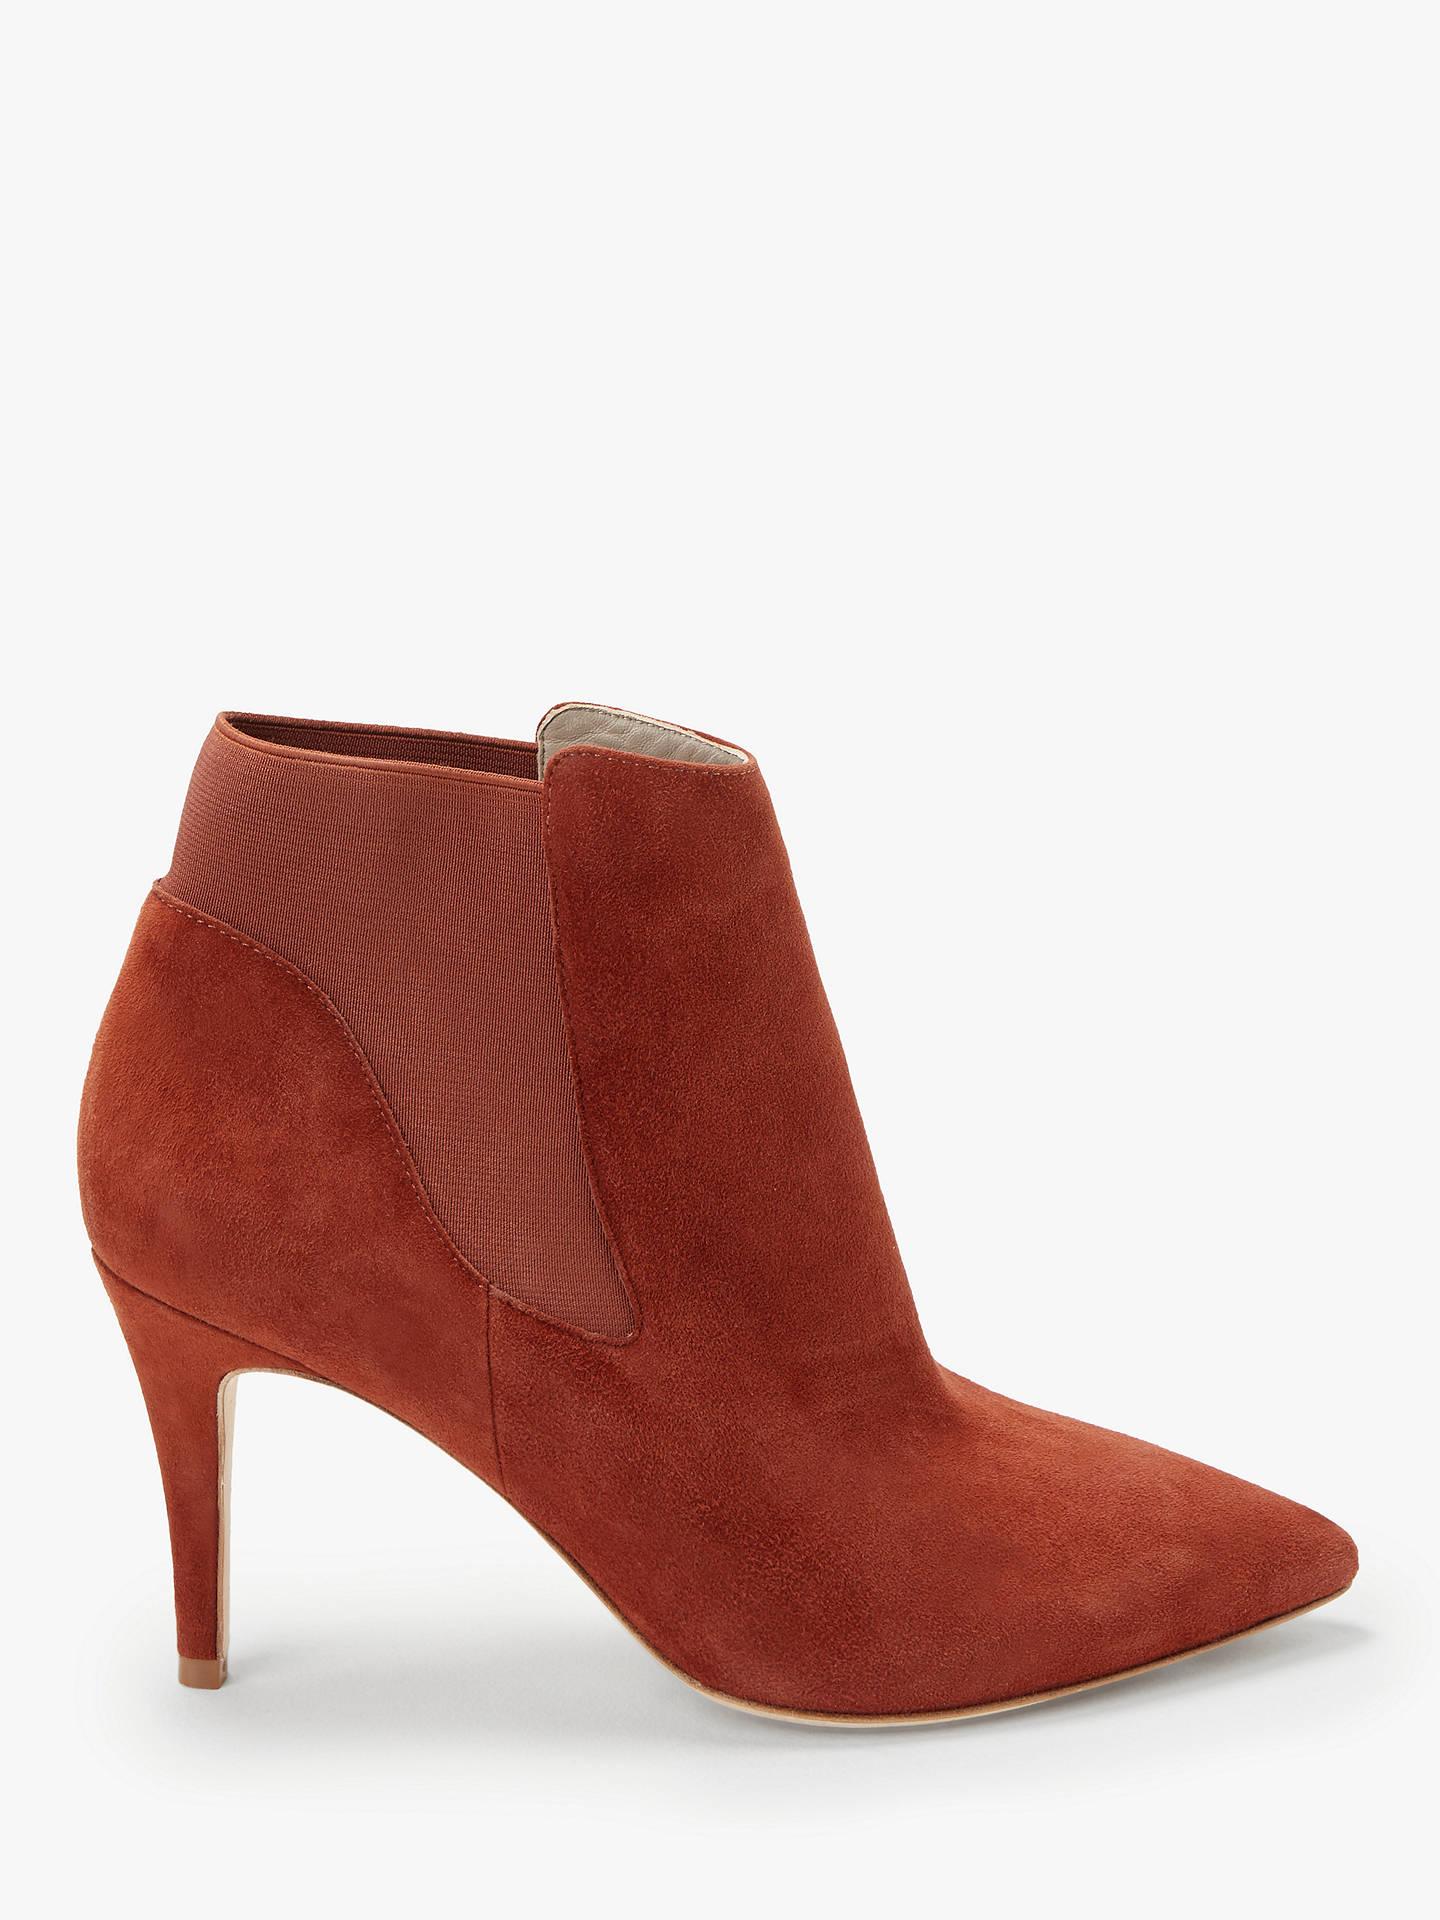 73fae0c25e9 Buy Boden Elsworth Stiletto Heel Ankle Boots